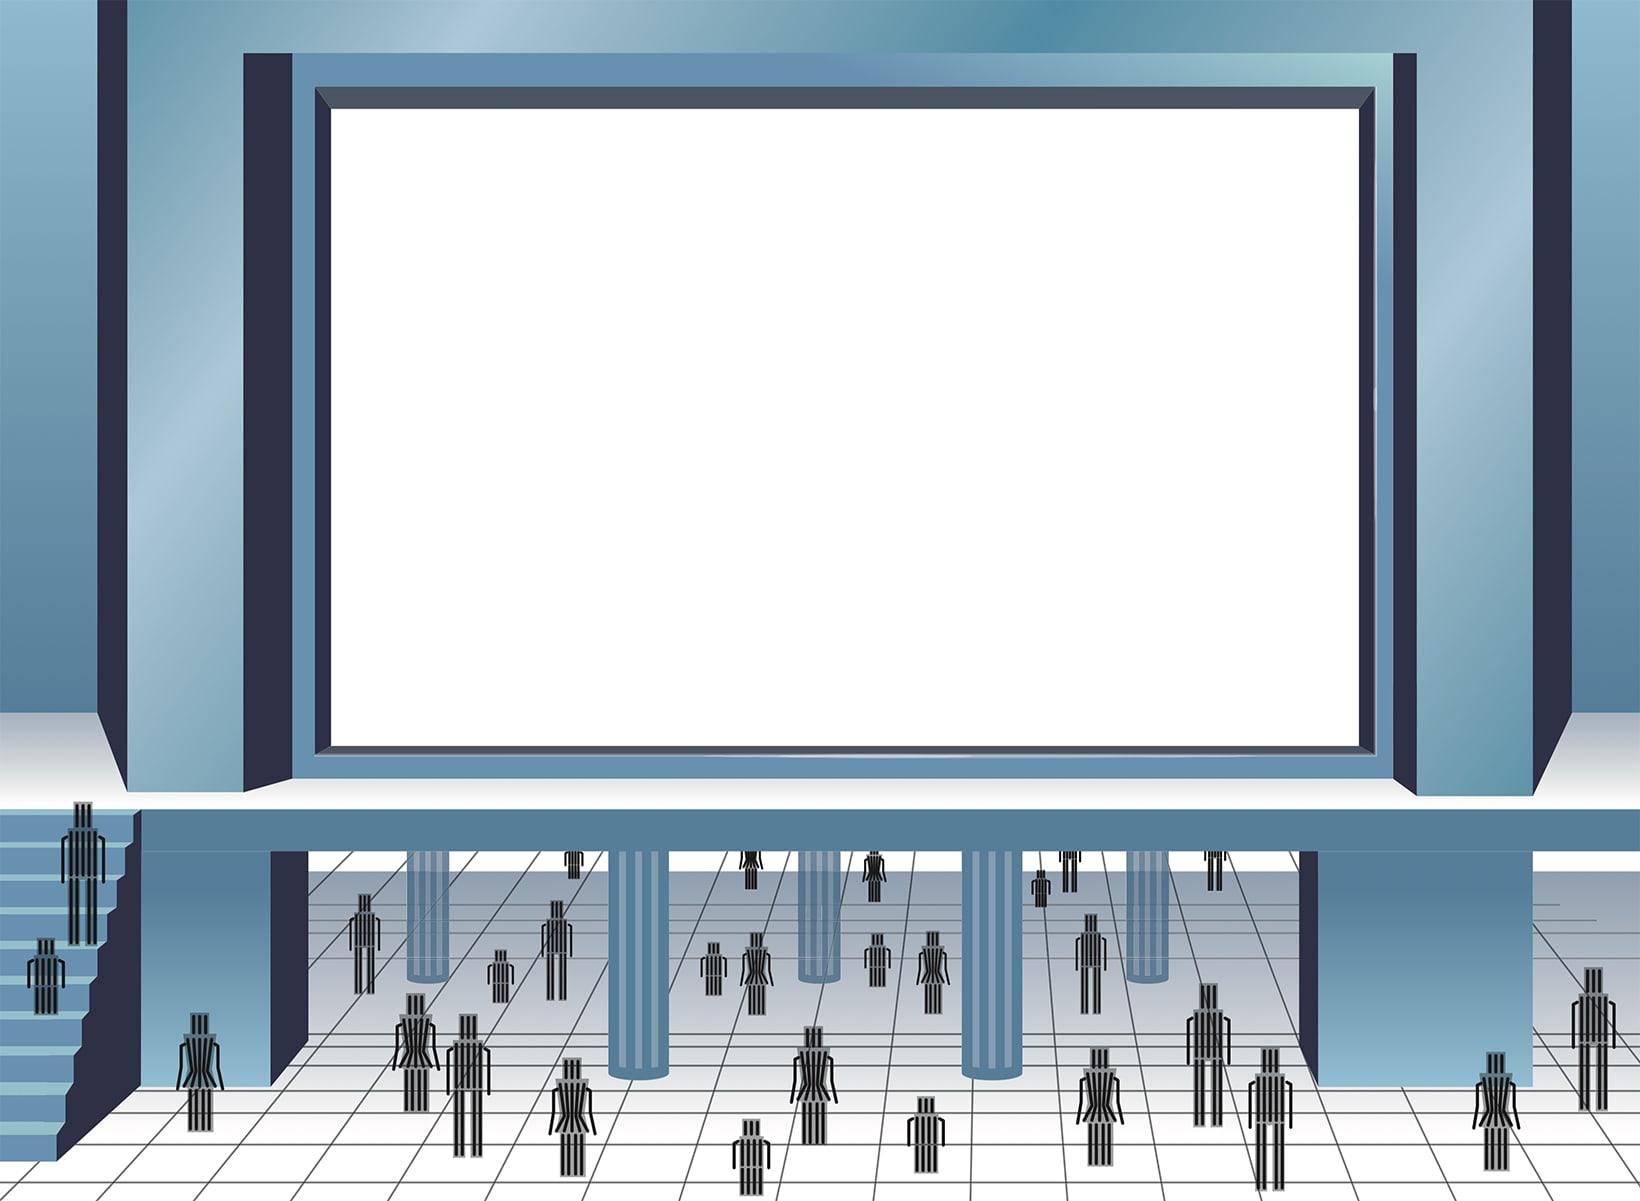 デジタルサイネージ市場が急拡大。活用事例を徹底紹介